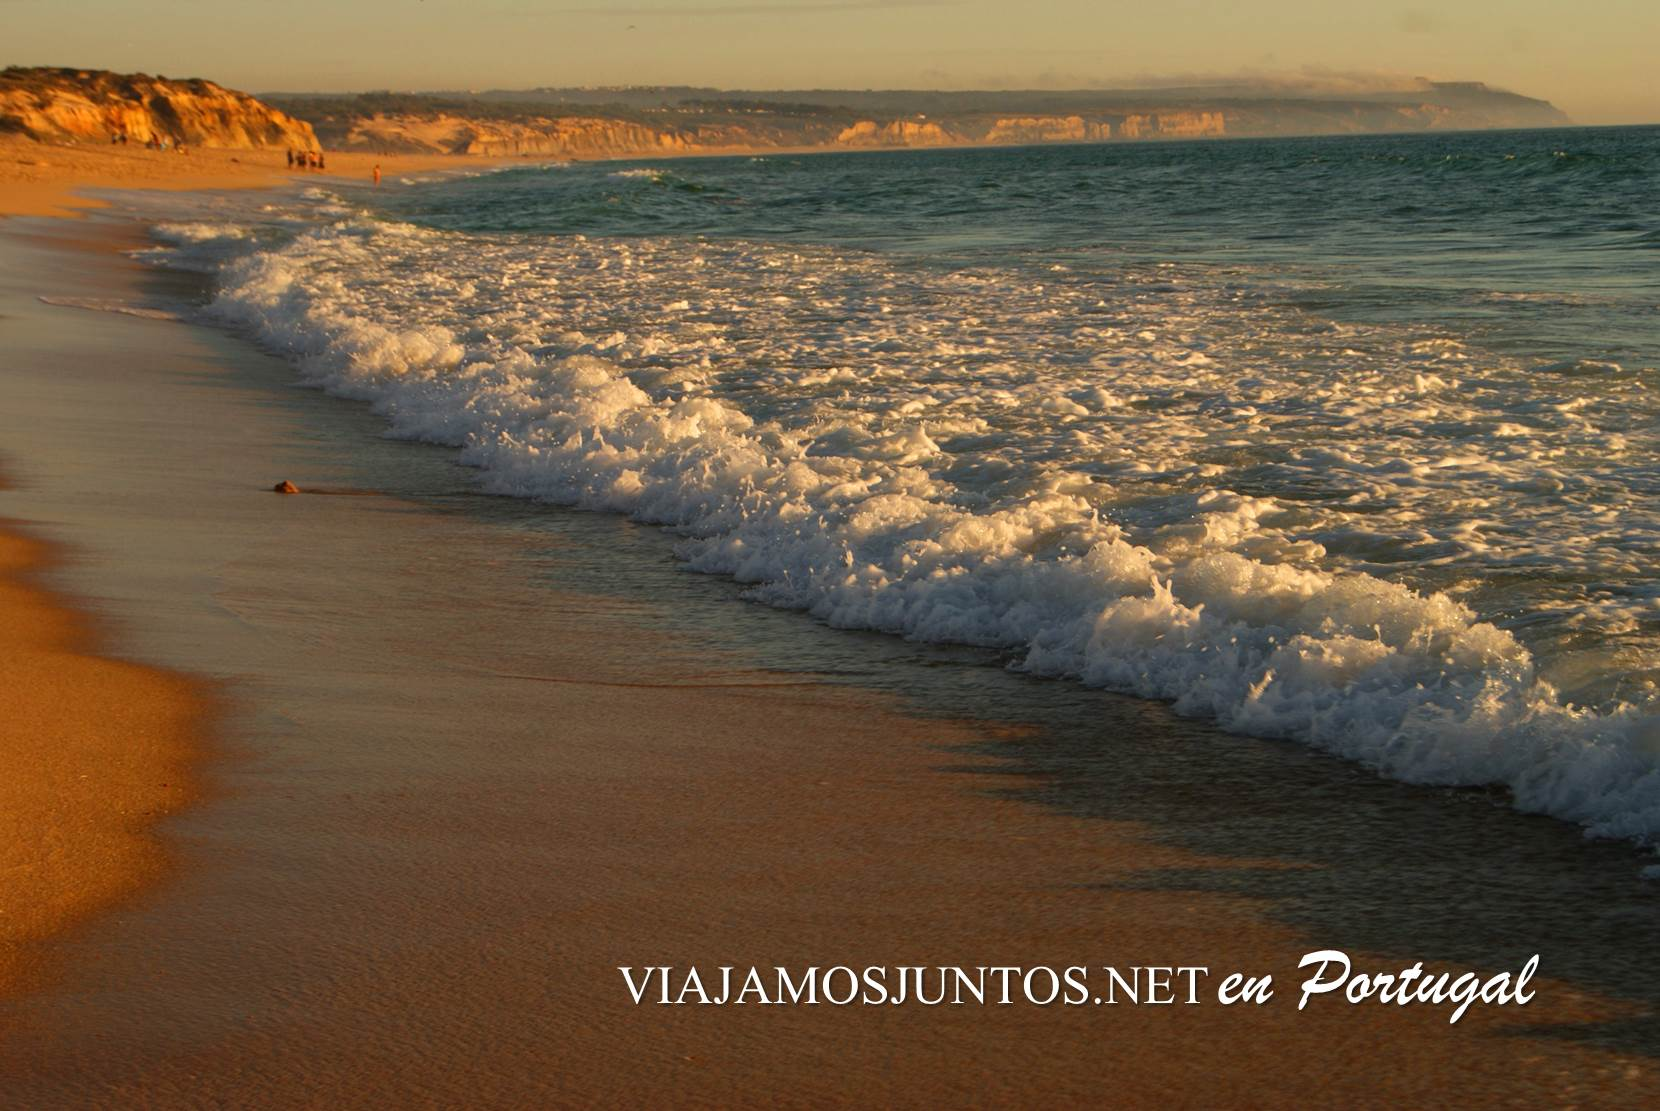 Olas del Océano en la playa de la Albufeira al atardecer, Costa Caparica, Portugal